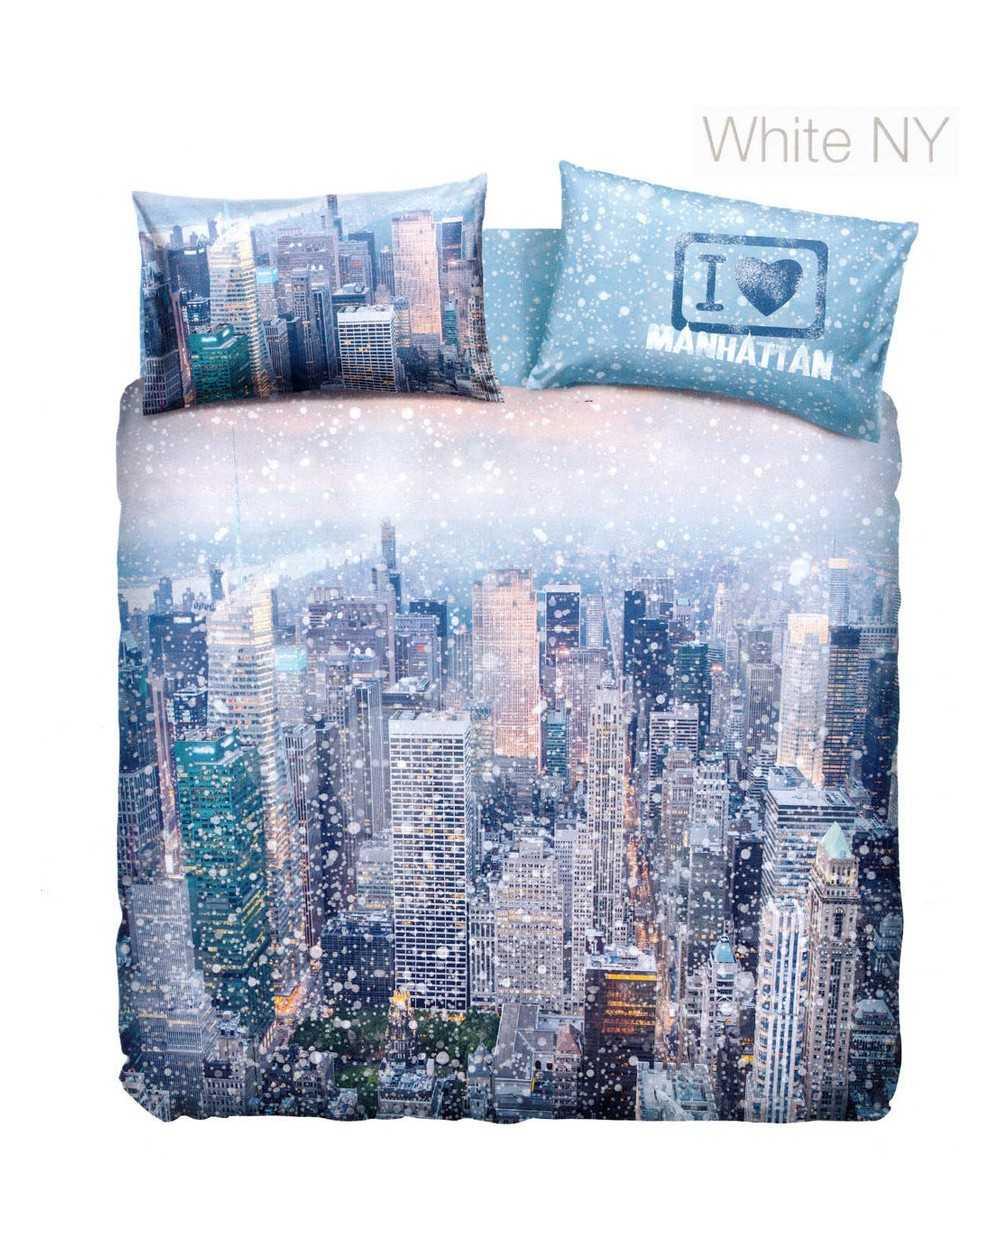 Copripiumino Bassetti Letto Singolo.Set Copripiumino Letto Singolo Manhattan By Bassetti White New York